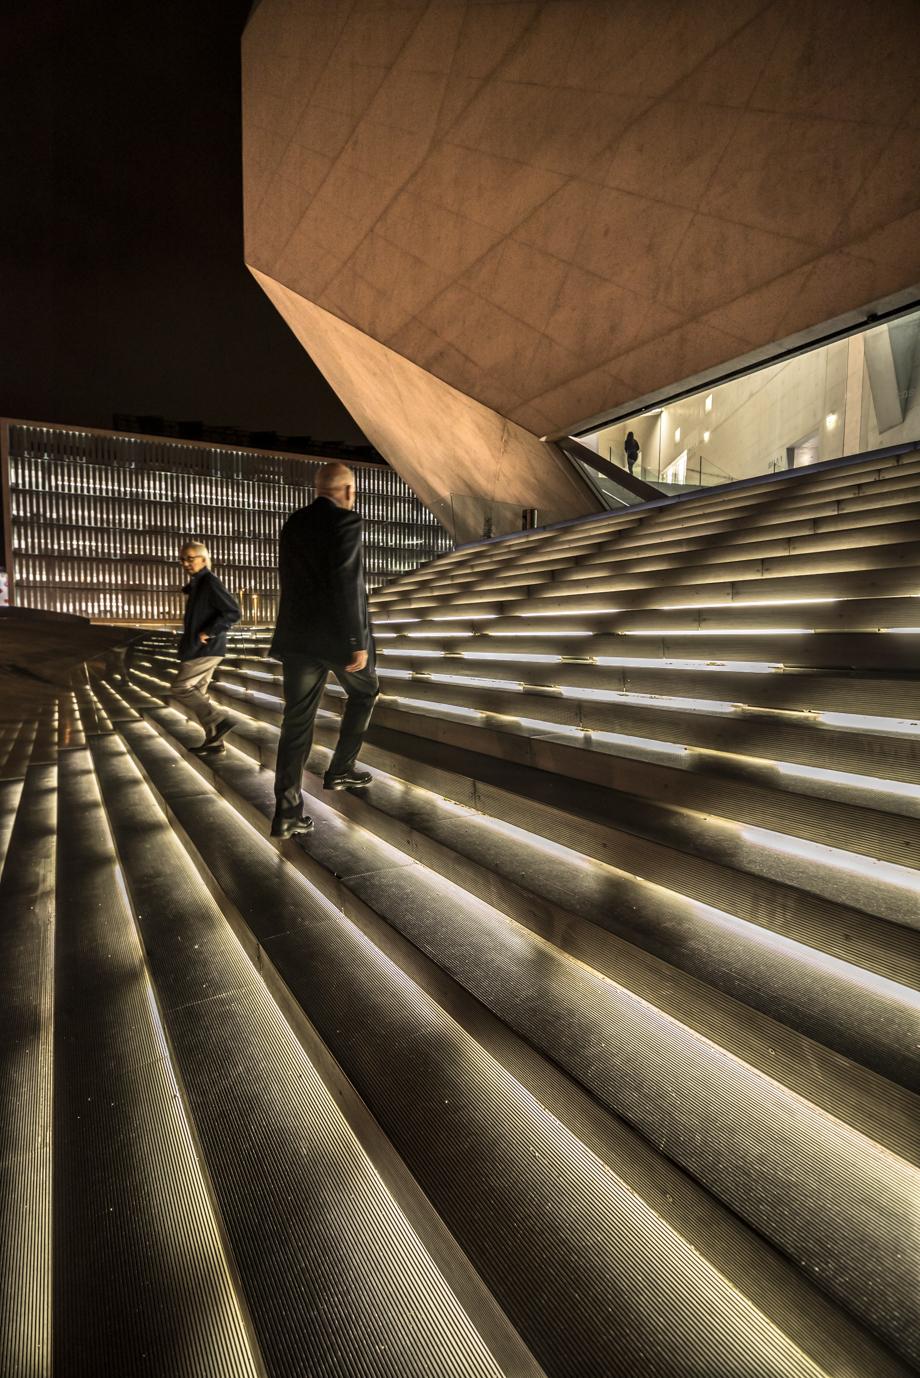 irix lens, casa da musica, porto, portugal, arquitetura,